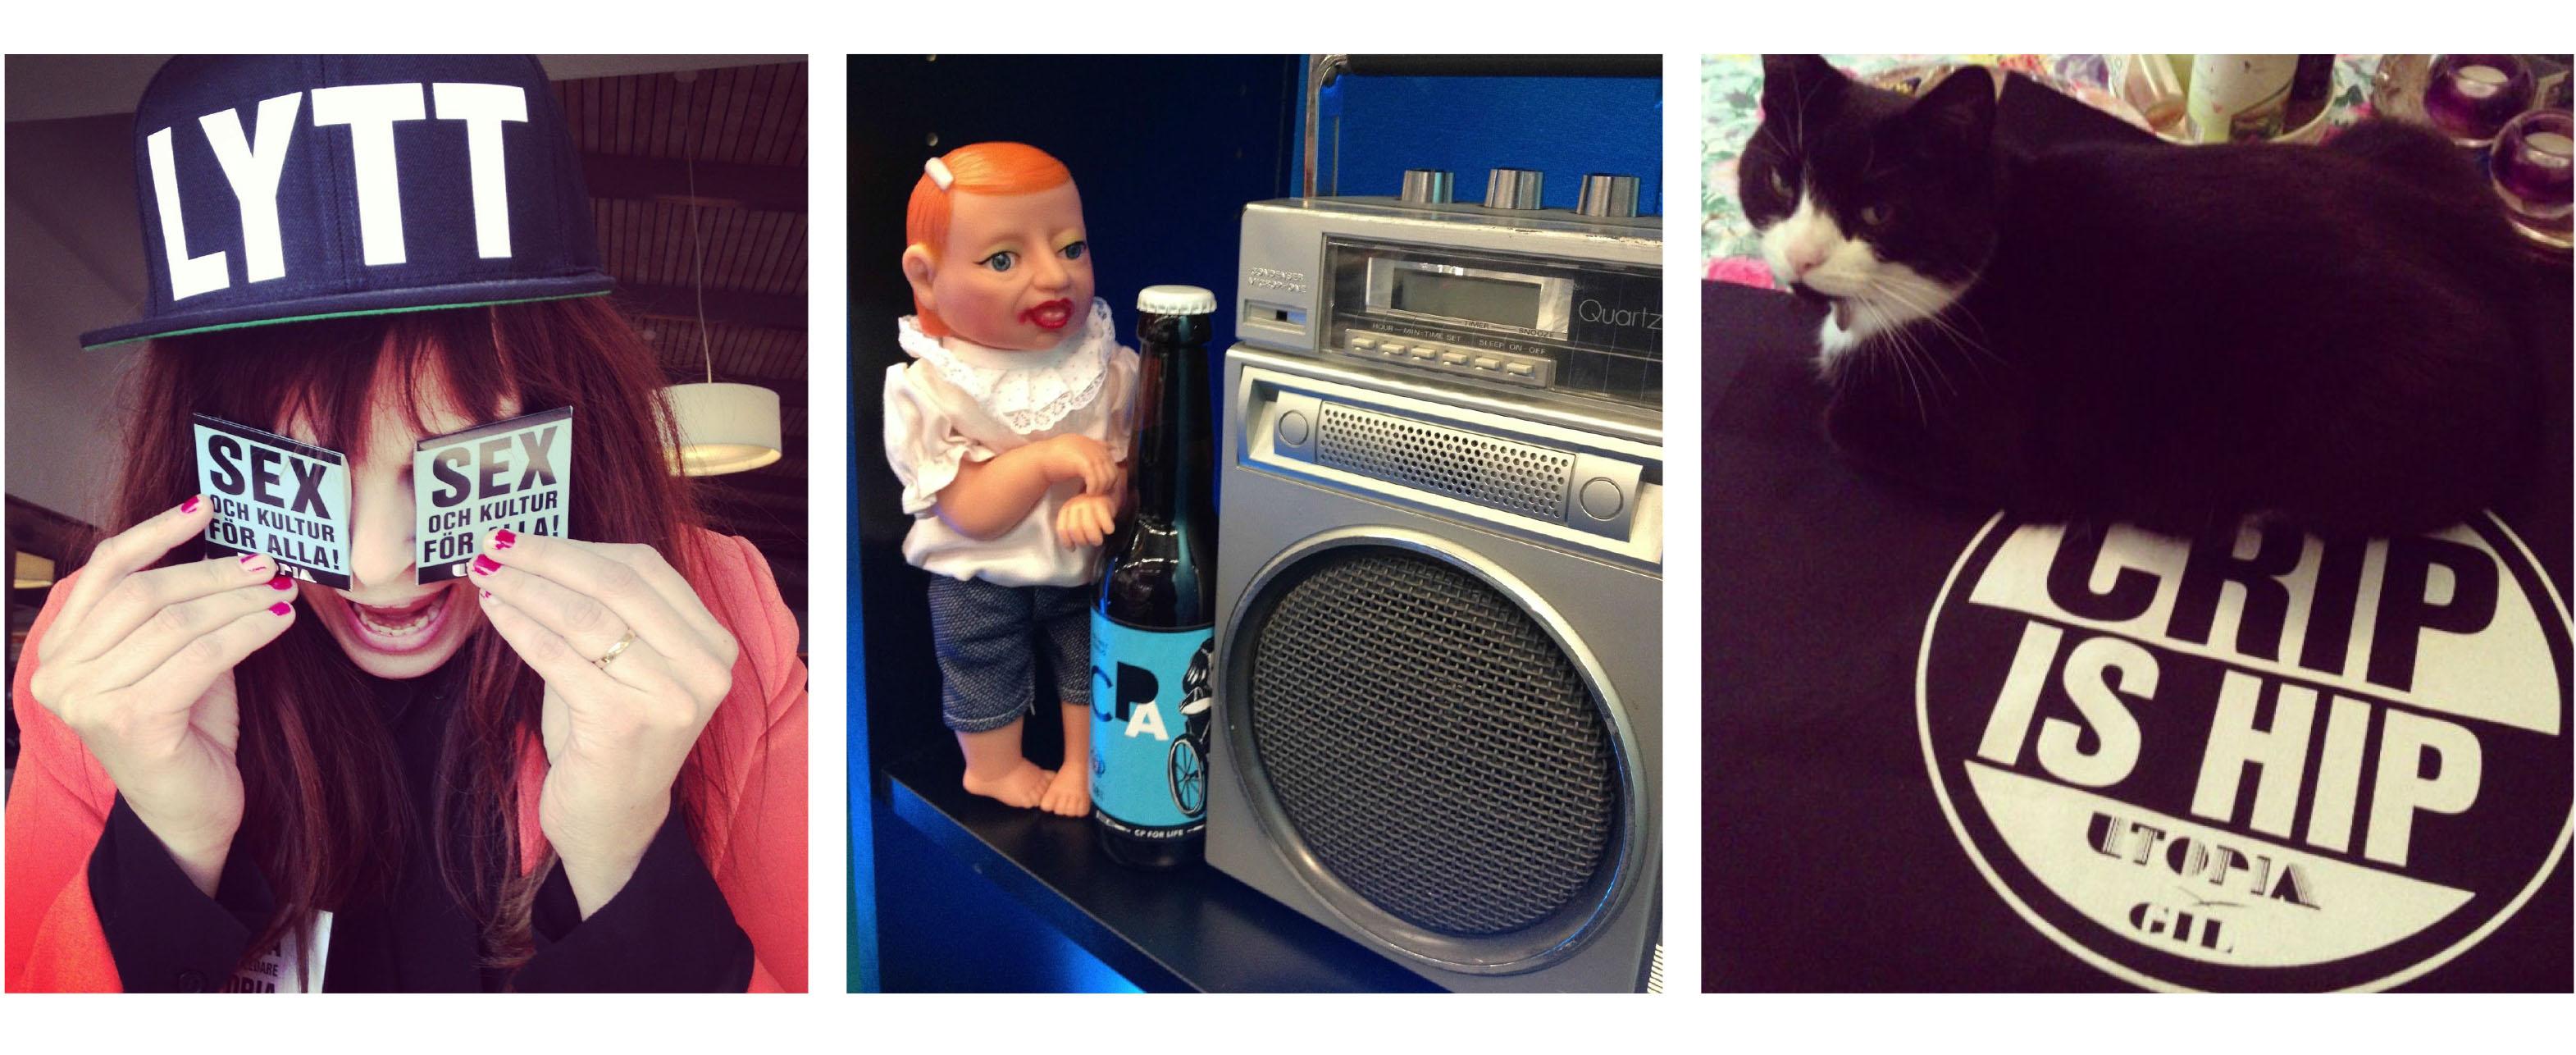 Tre bilder. Första bilden är av en person med långt brunt hår med en svart keps som det står LYTT på. Hen gapar med munnen och håller två kondompaket framför ögonen. På paketen står det Sex och kultur åt alla. Mittenbilden visar en docka till vänster, CP-dockan, bredvid en flasköl med turkos etikett som det står CP-öl på. De står bredvid en radio i silver. Bilden till höger är av en svart katt med vit nos som ligger ovanpå ett ryggpatch som det står Grip is hip på.